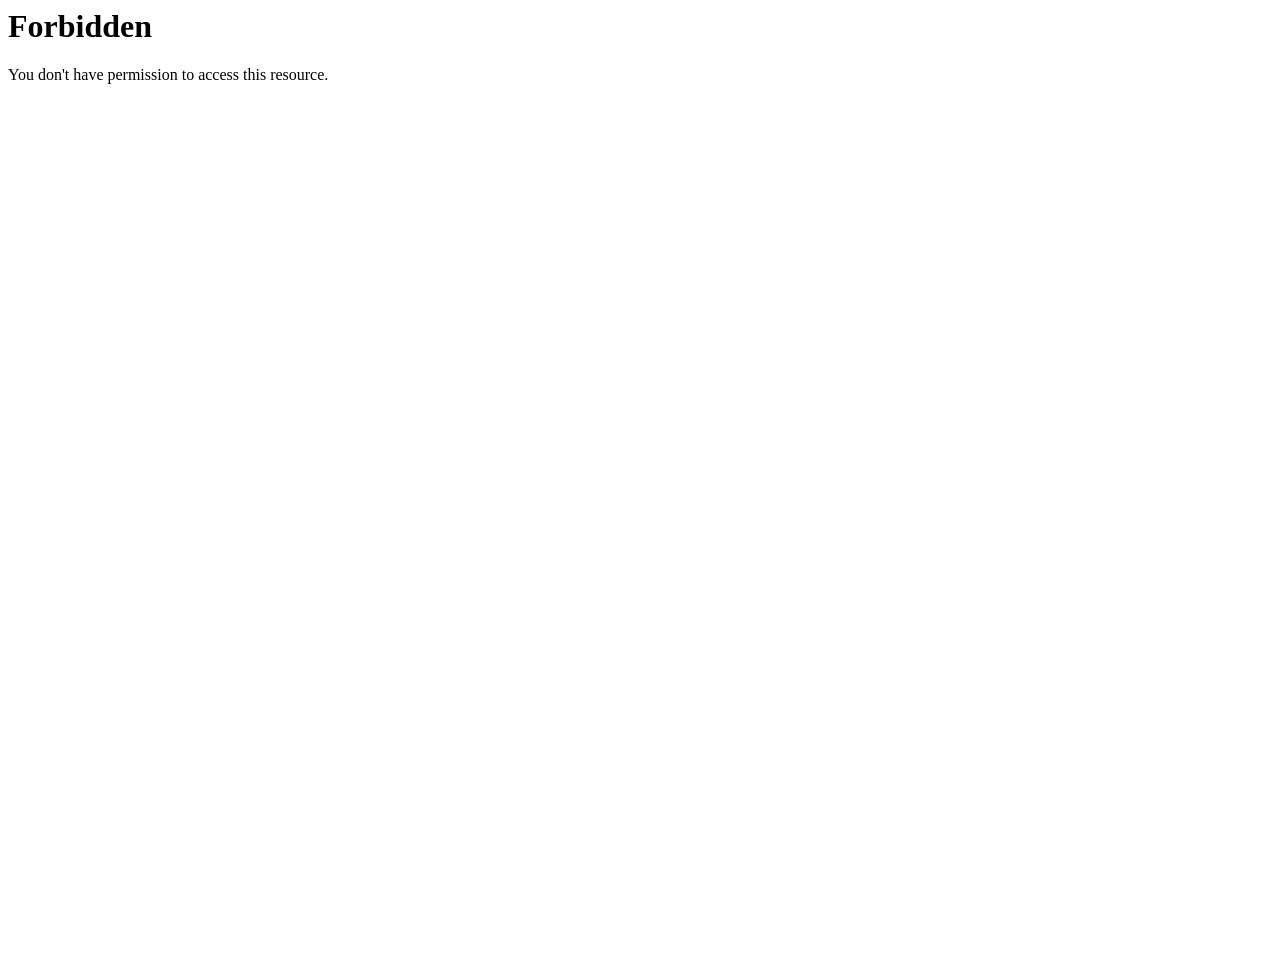 泉総合法律事務所(弁護士法人)横須賀支店